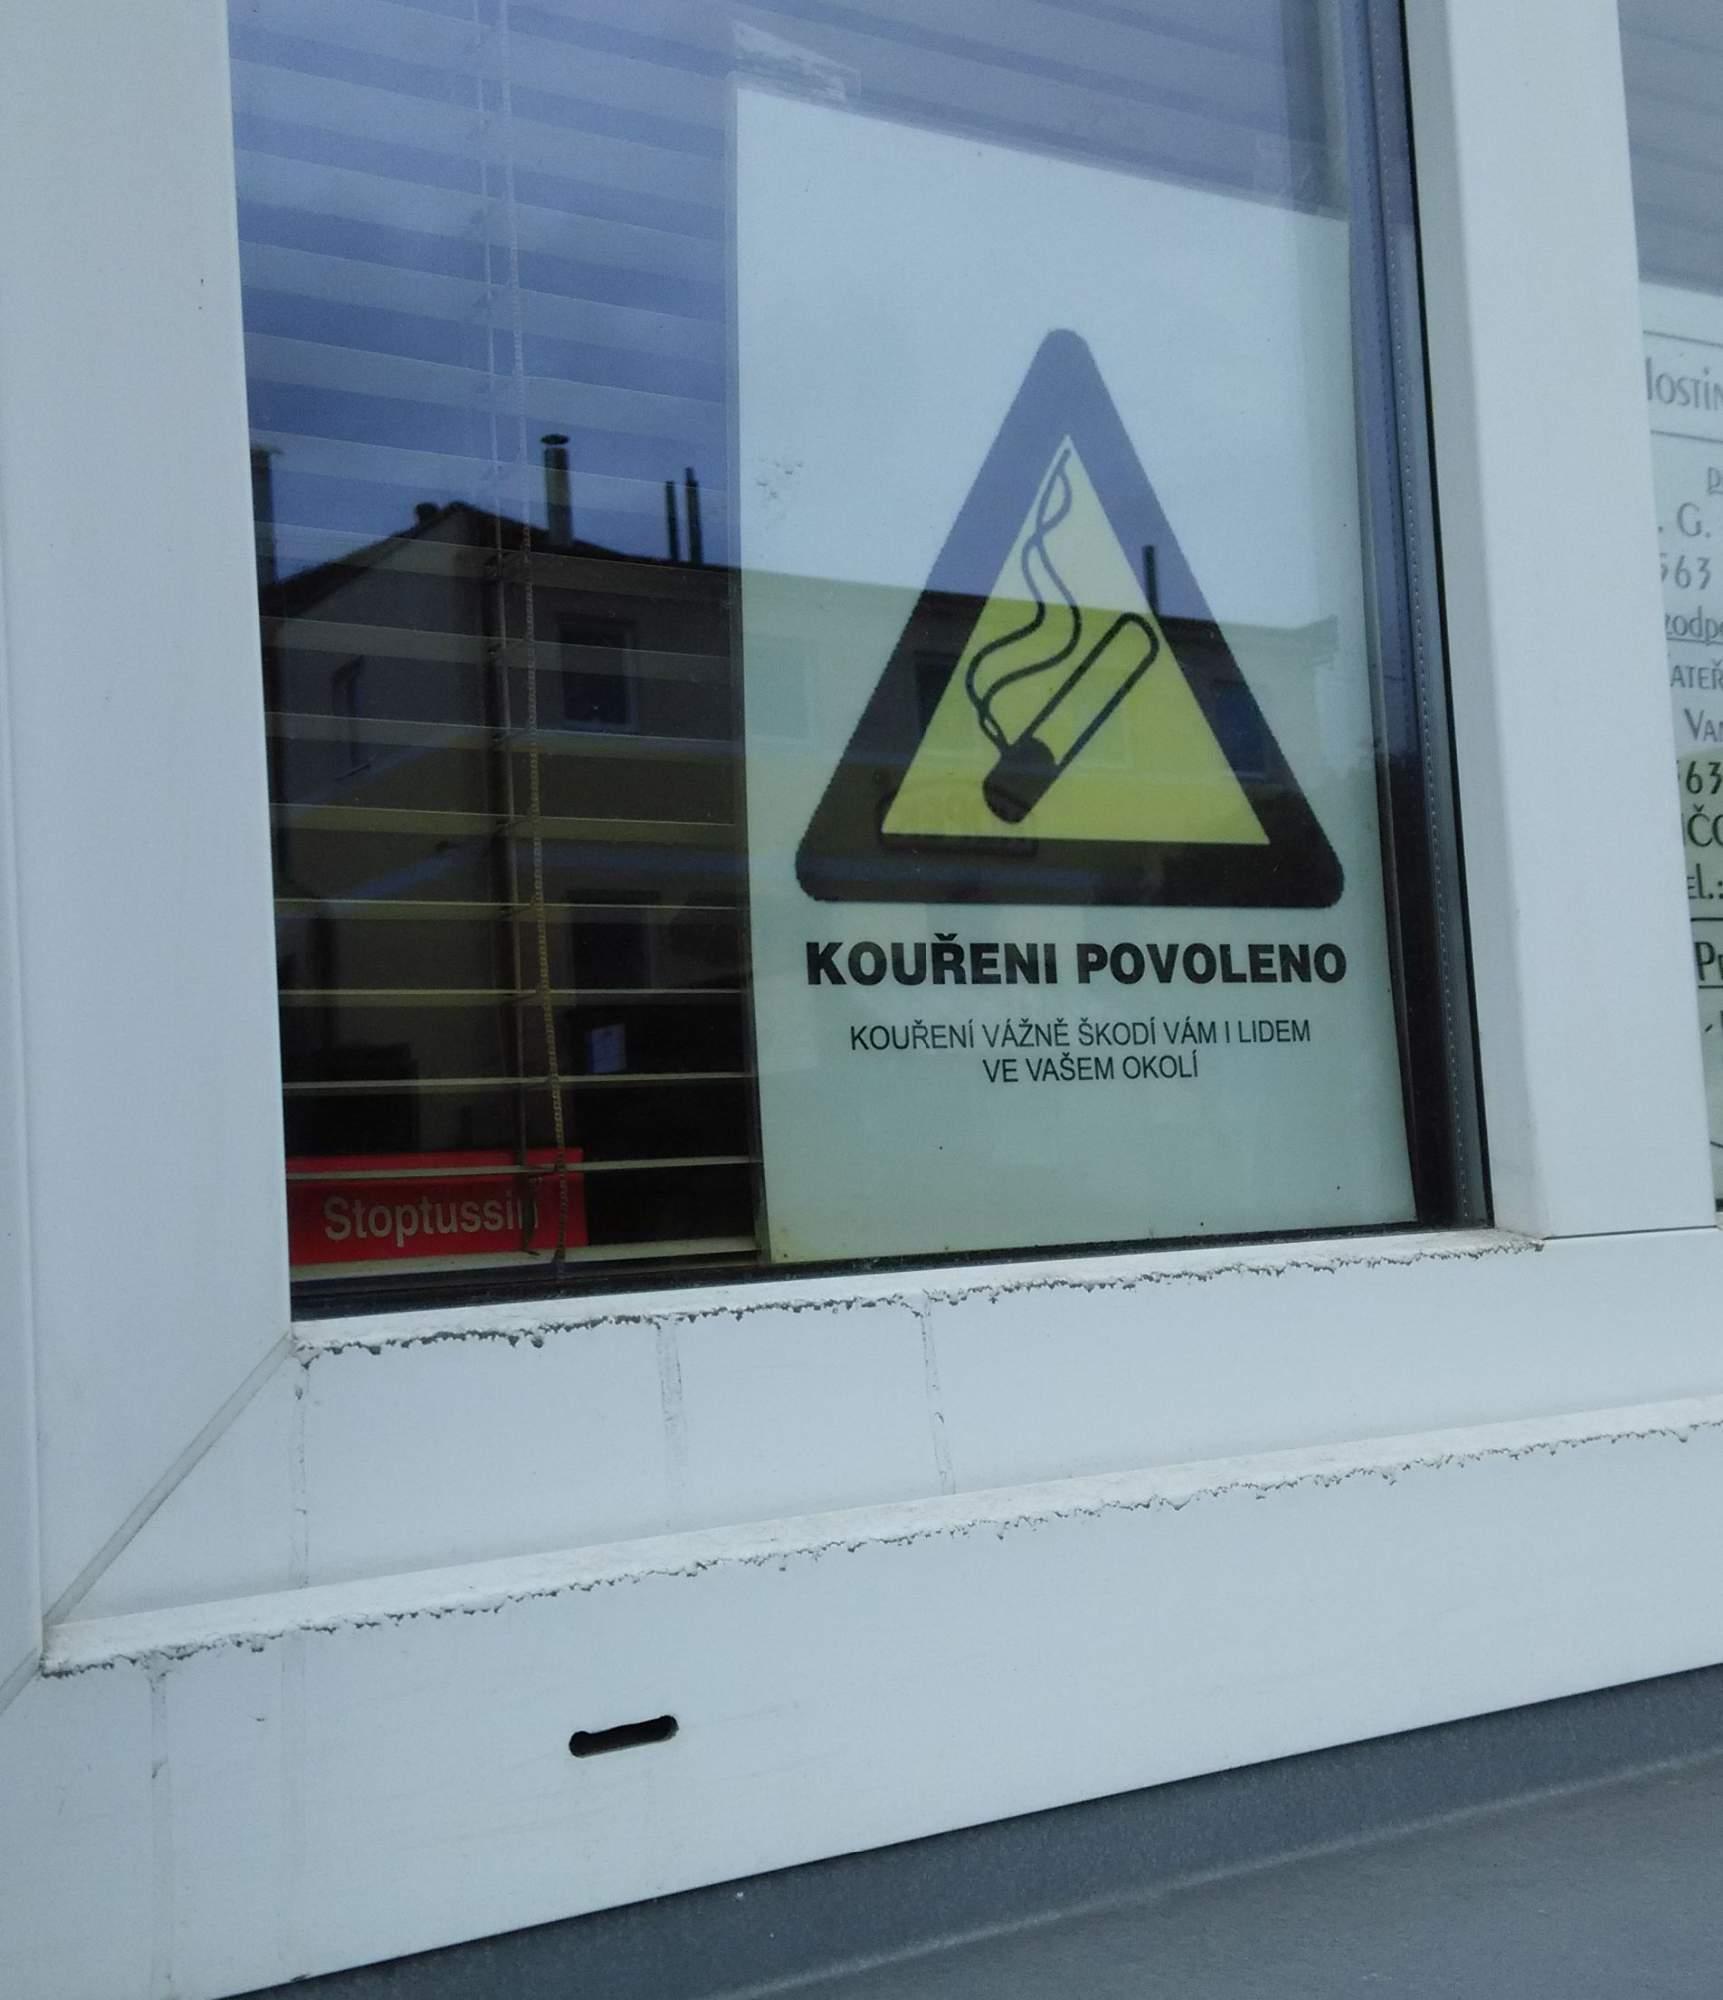 Tyto cedule už za oknem či na dveřích restauračního zařízení za měsíc neuvidíme. Foto: Radek Krajči